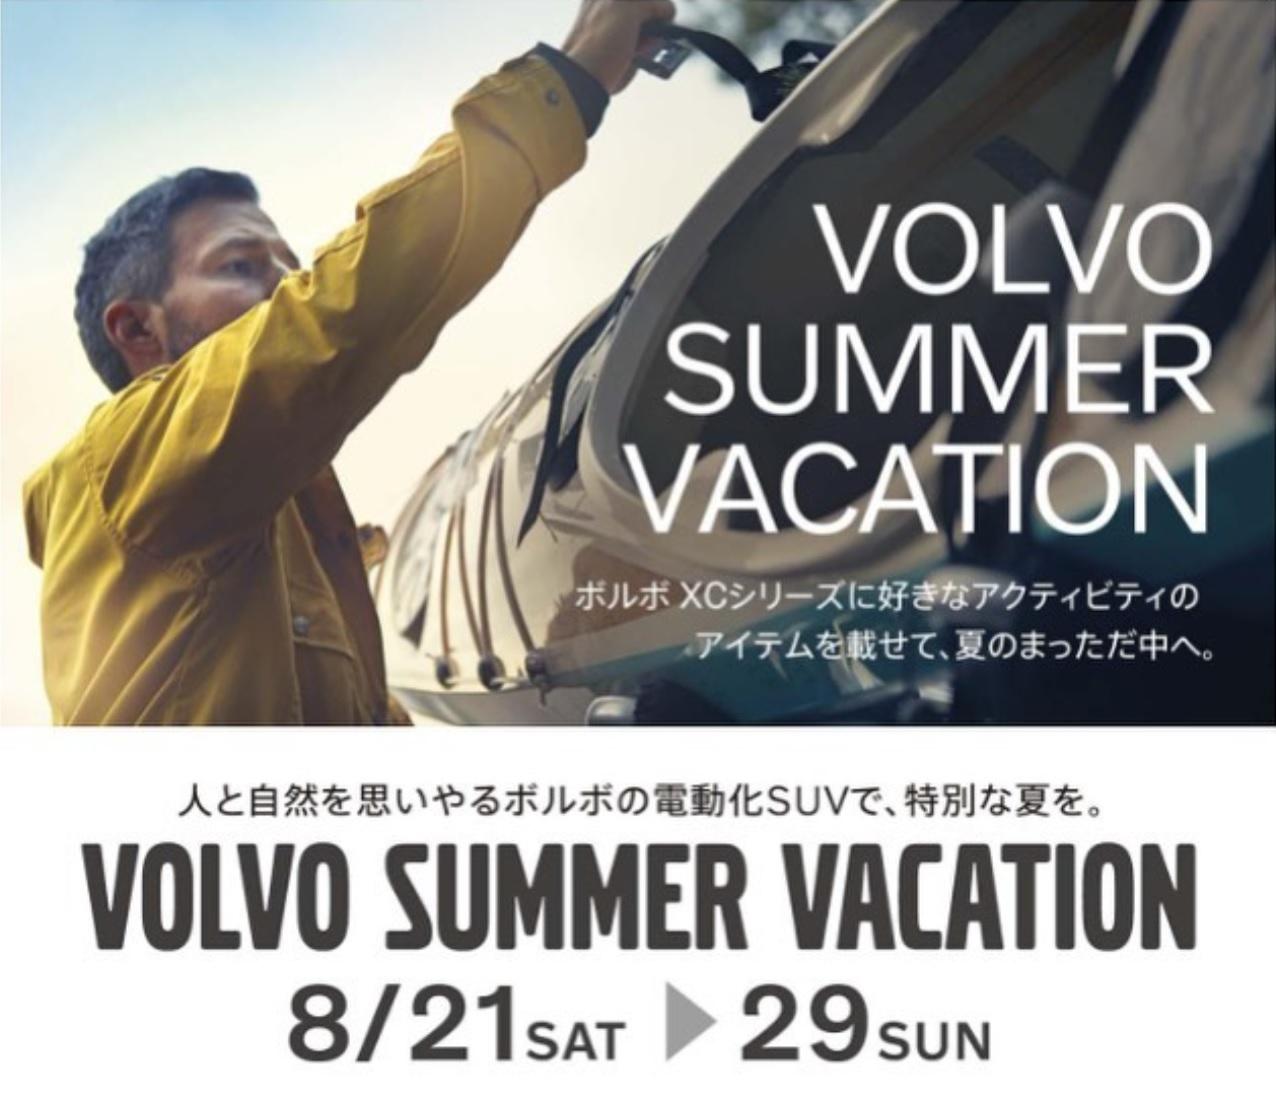 VOLVO SUMMER VACATION